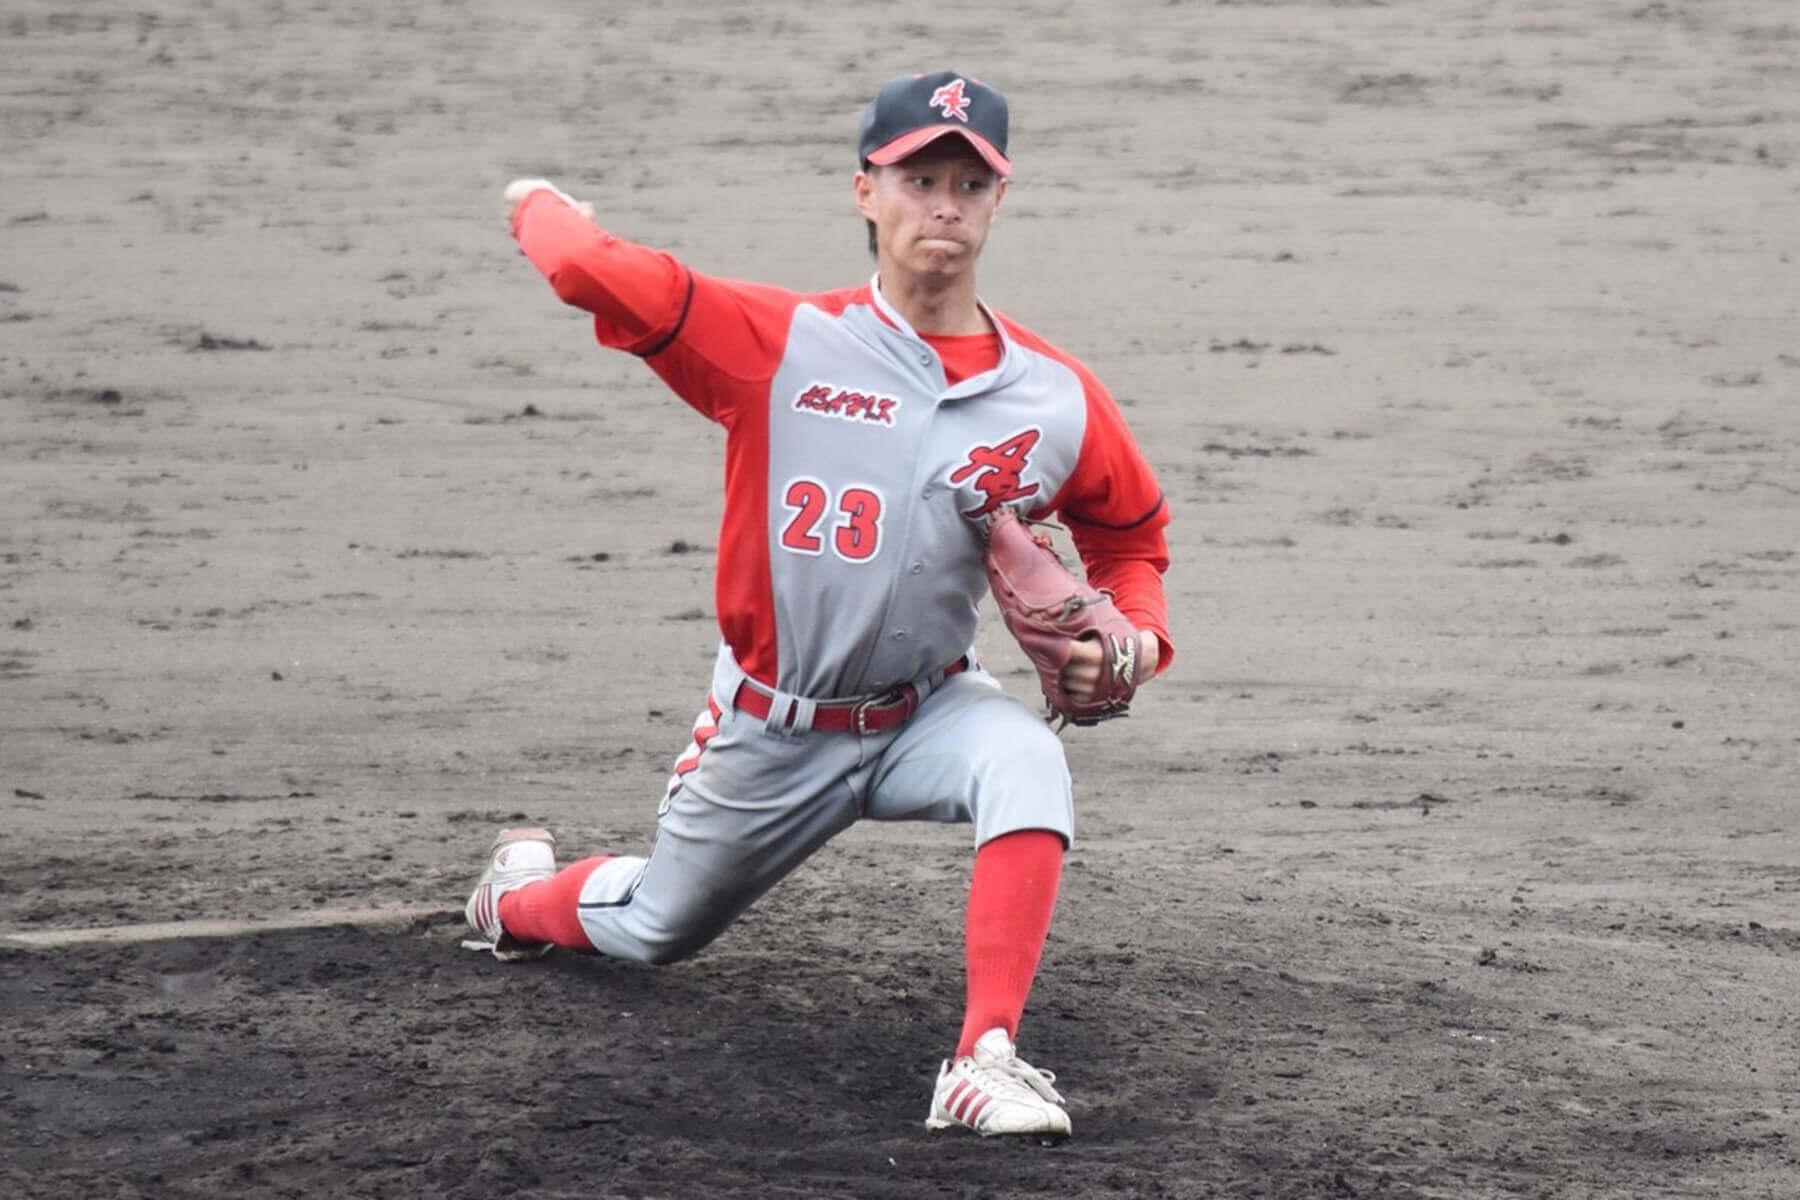 朝日I&Rクラブ武雄の投手、森拓也選手は優秀選手賞を受賞しました。